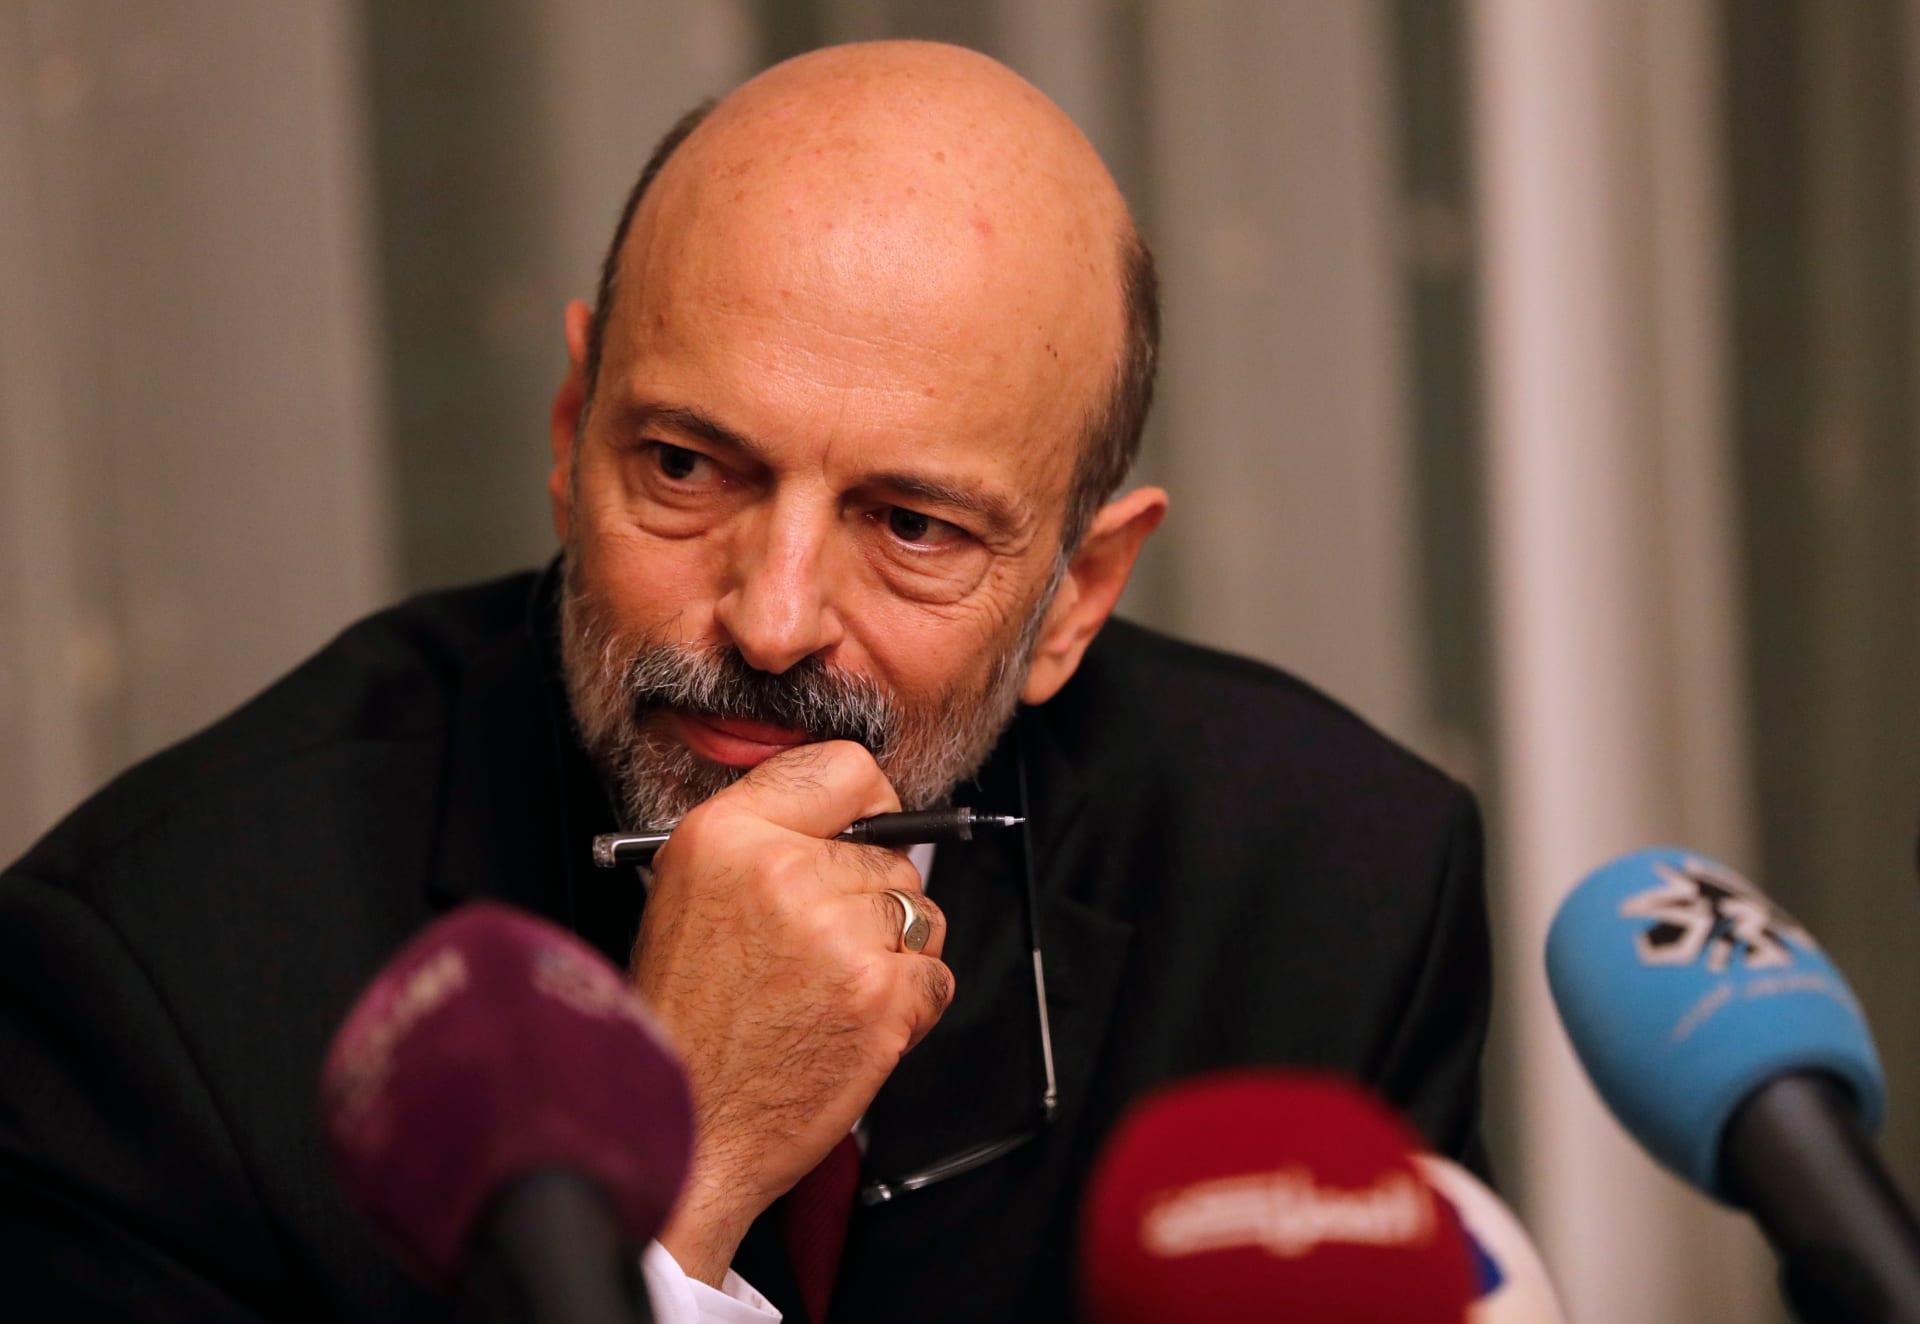 الرزاز: البنك الدولي وافق على قرض للأردن بـ1.2 مليار دولار